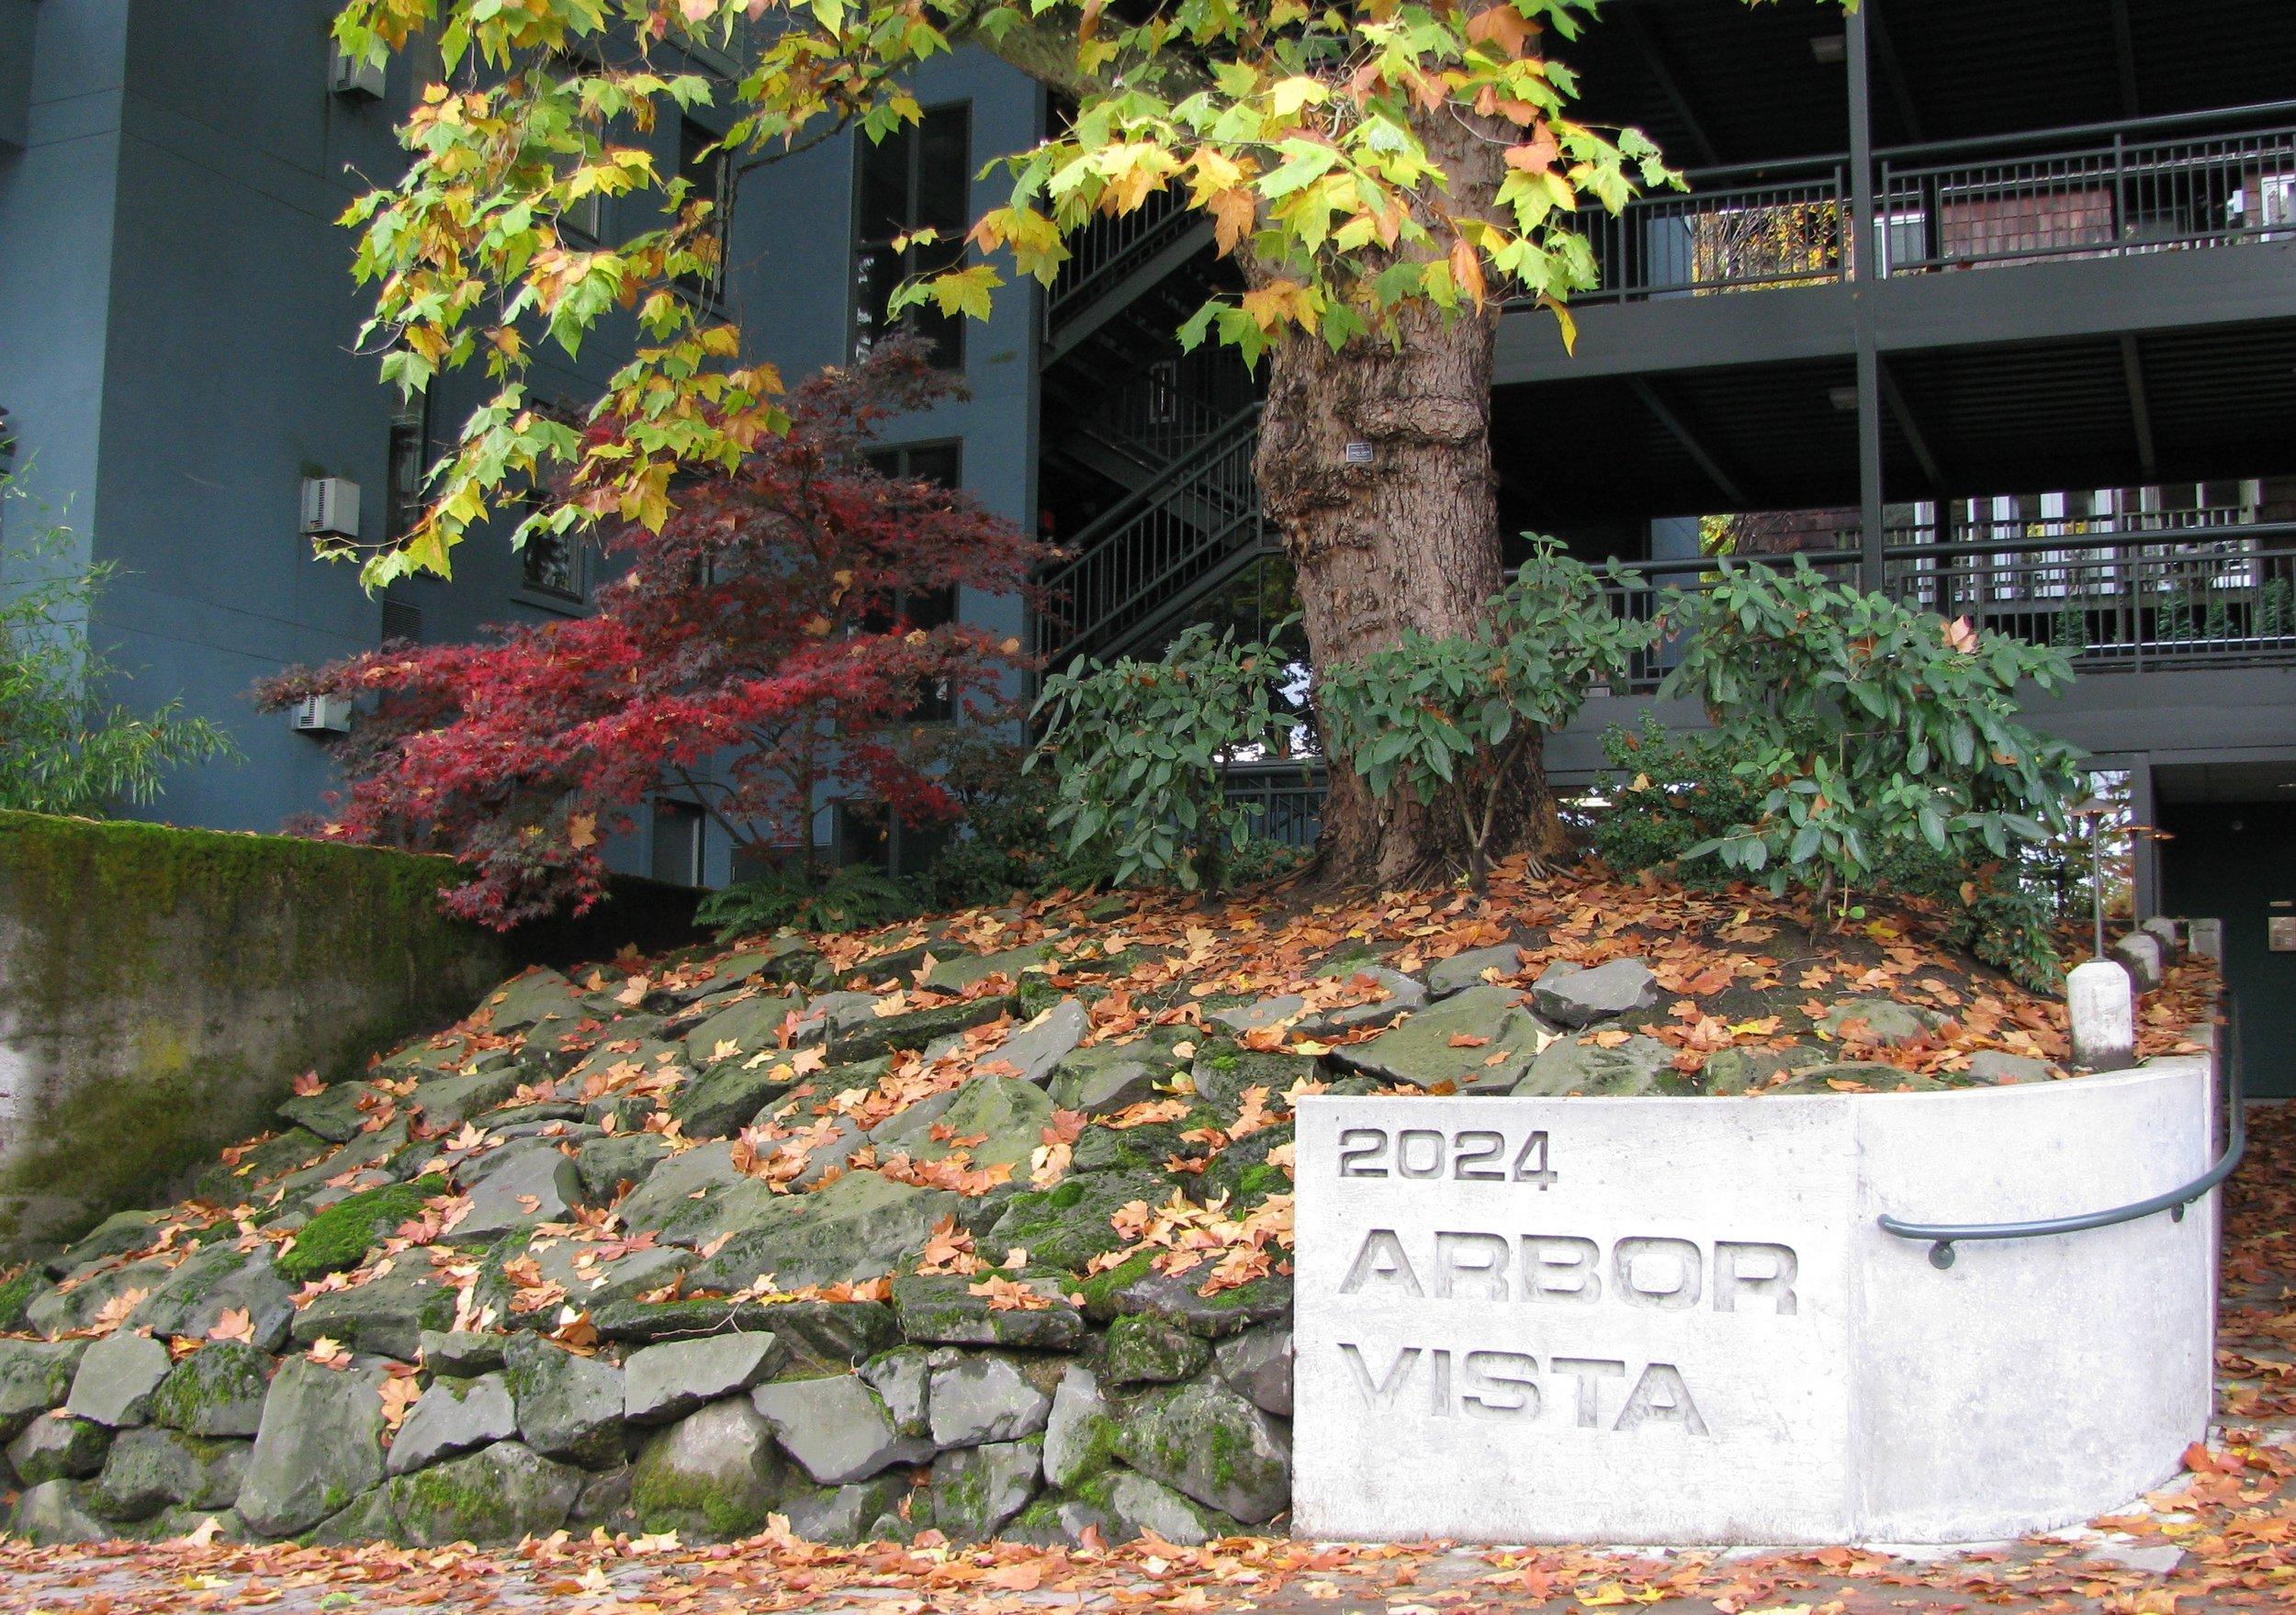 Arbor Vista Nov 08 010.jpg